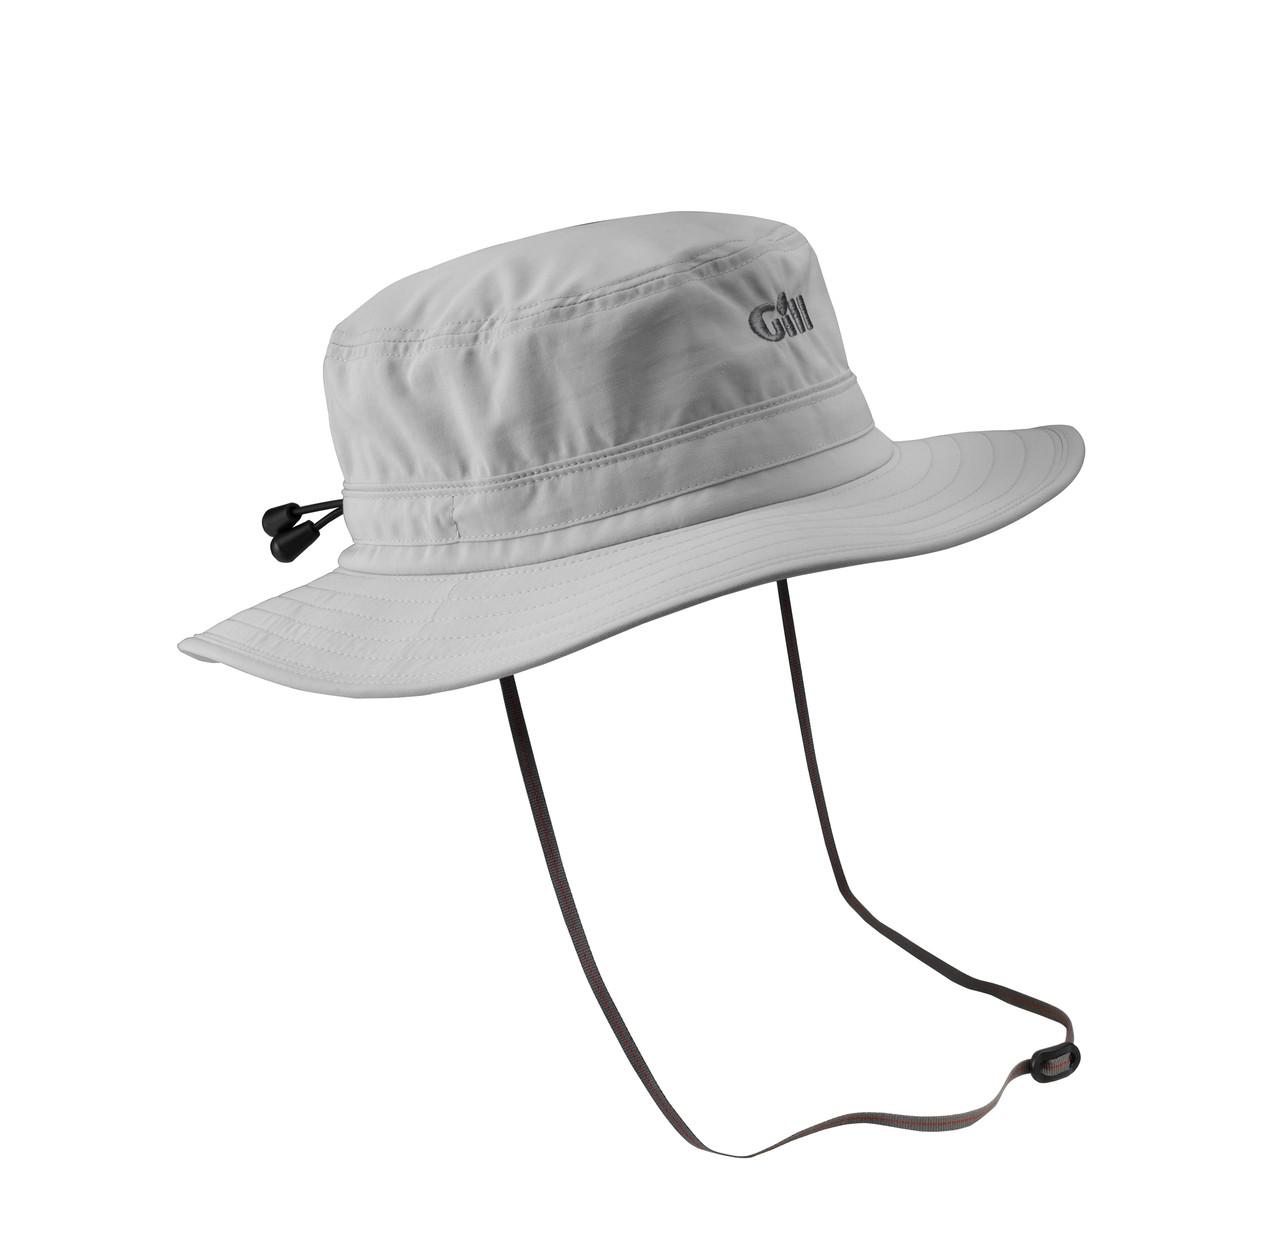 Gill Technical UV Sun Hat 140 494158e6f26